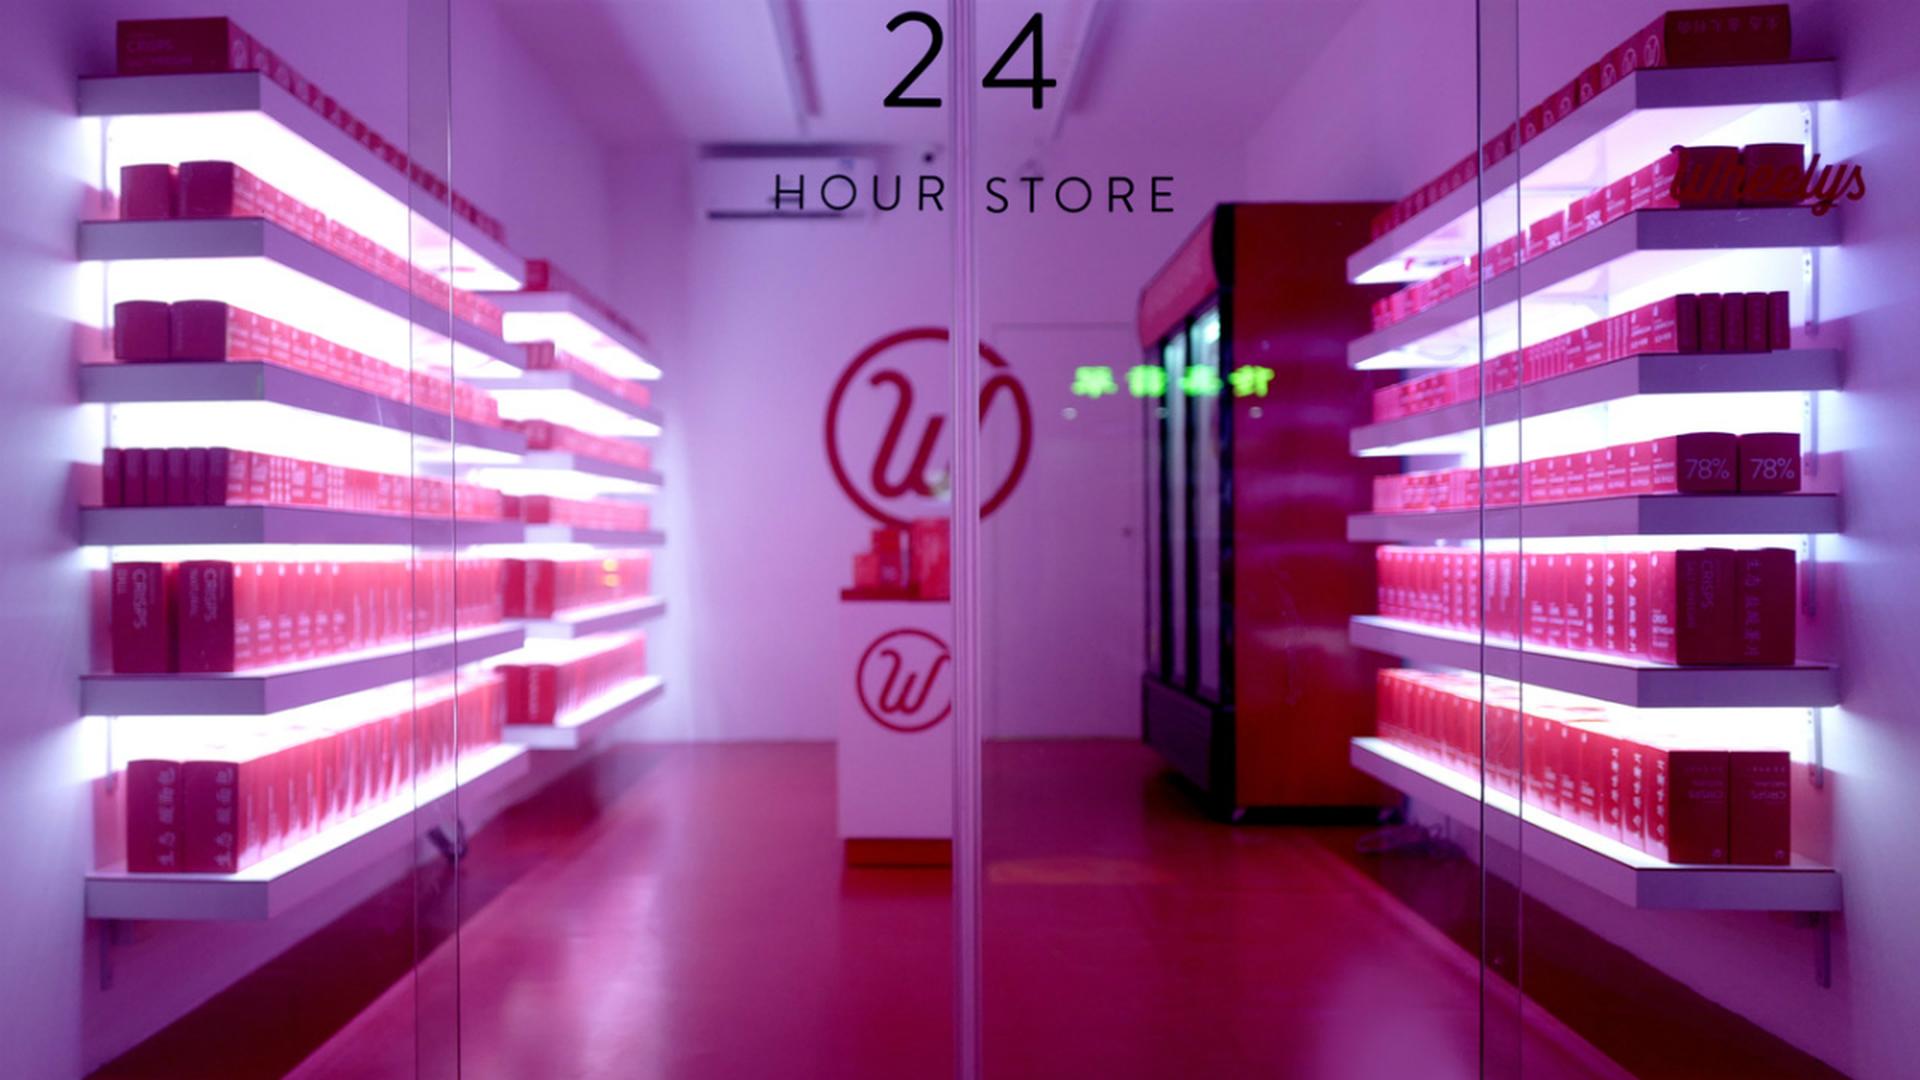 787c828c294d3d Ранее идею подобных магазинов представил крупнейший интернет-ритейлер  Amazon.